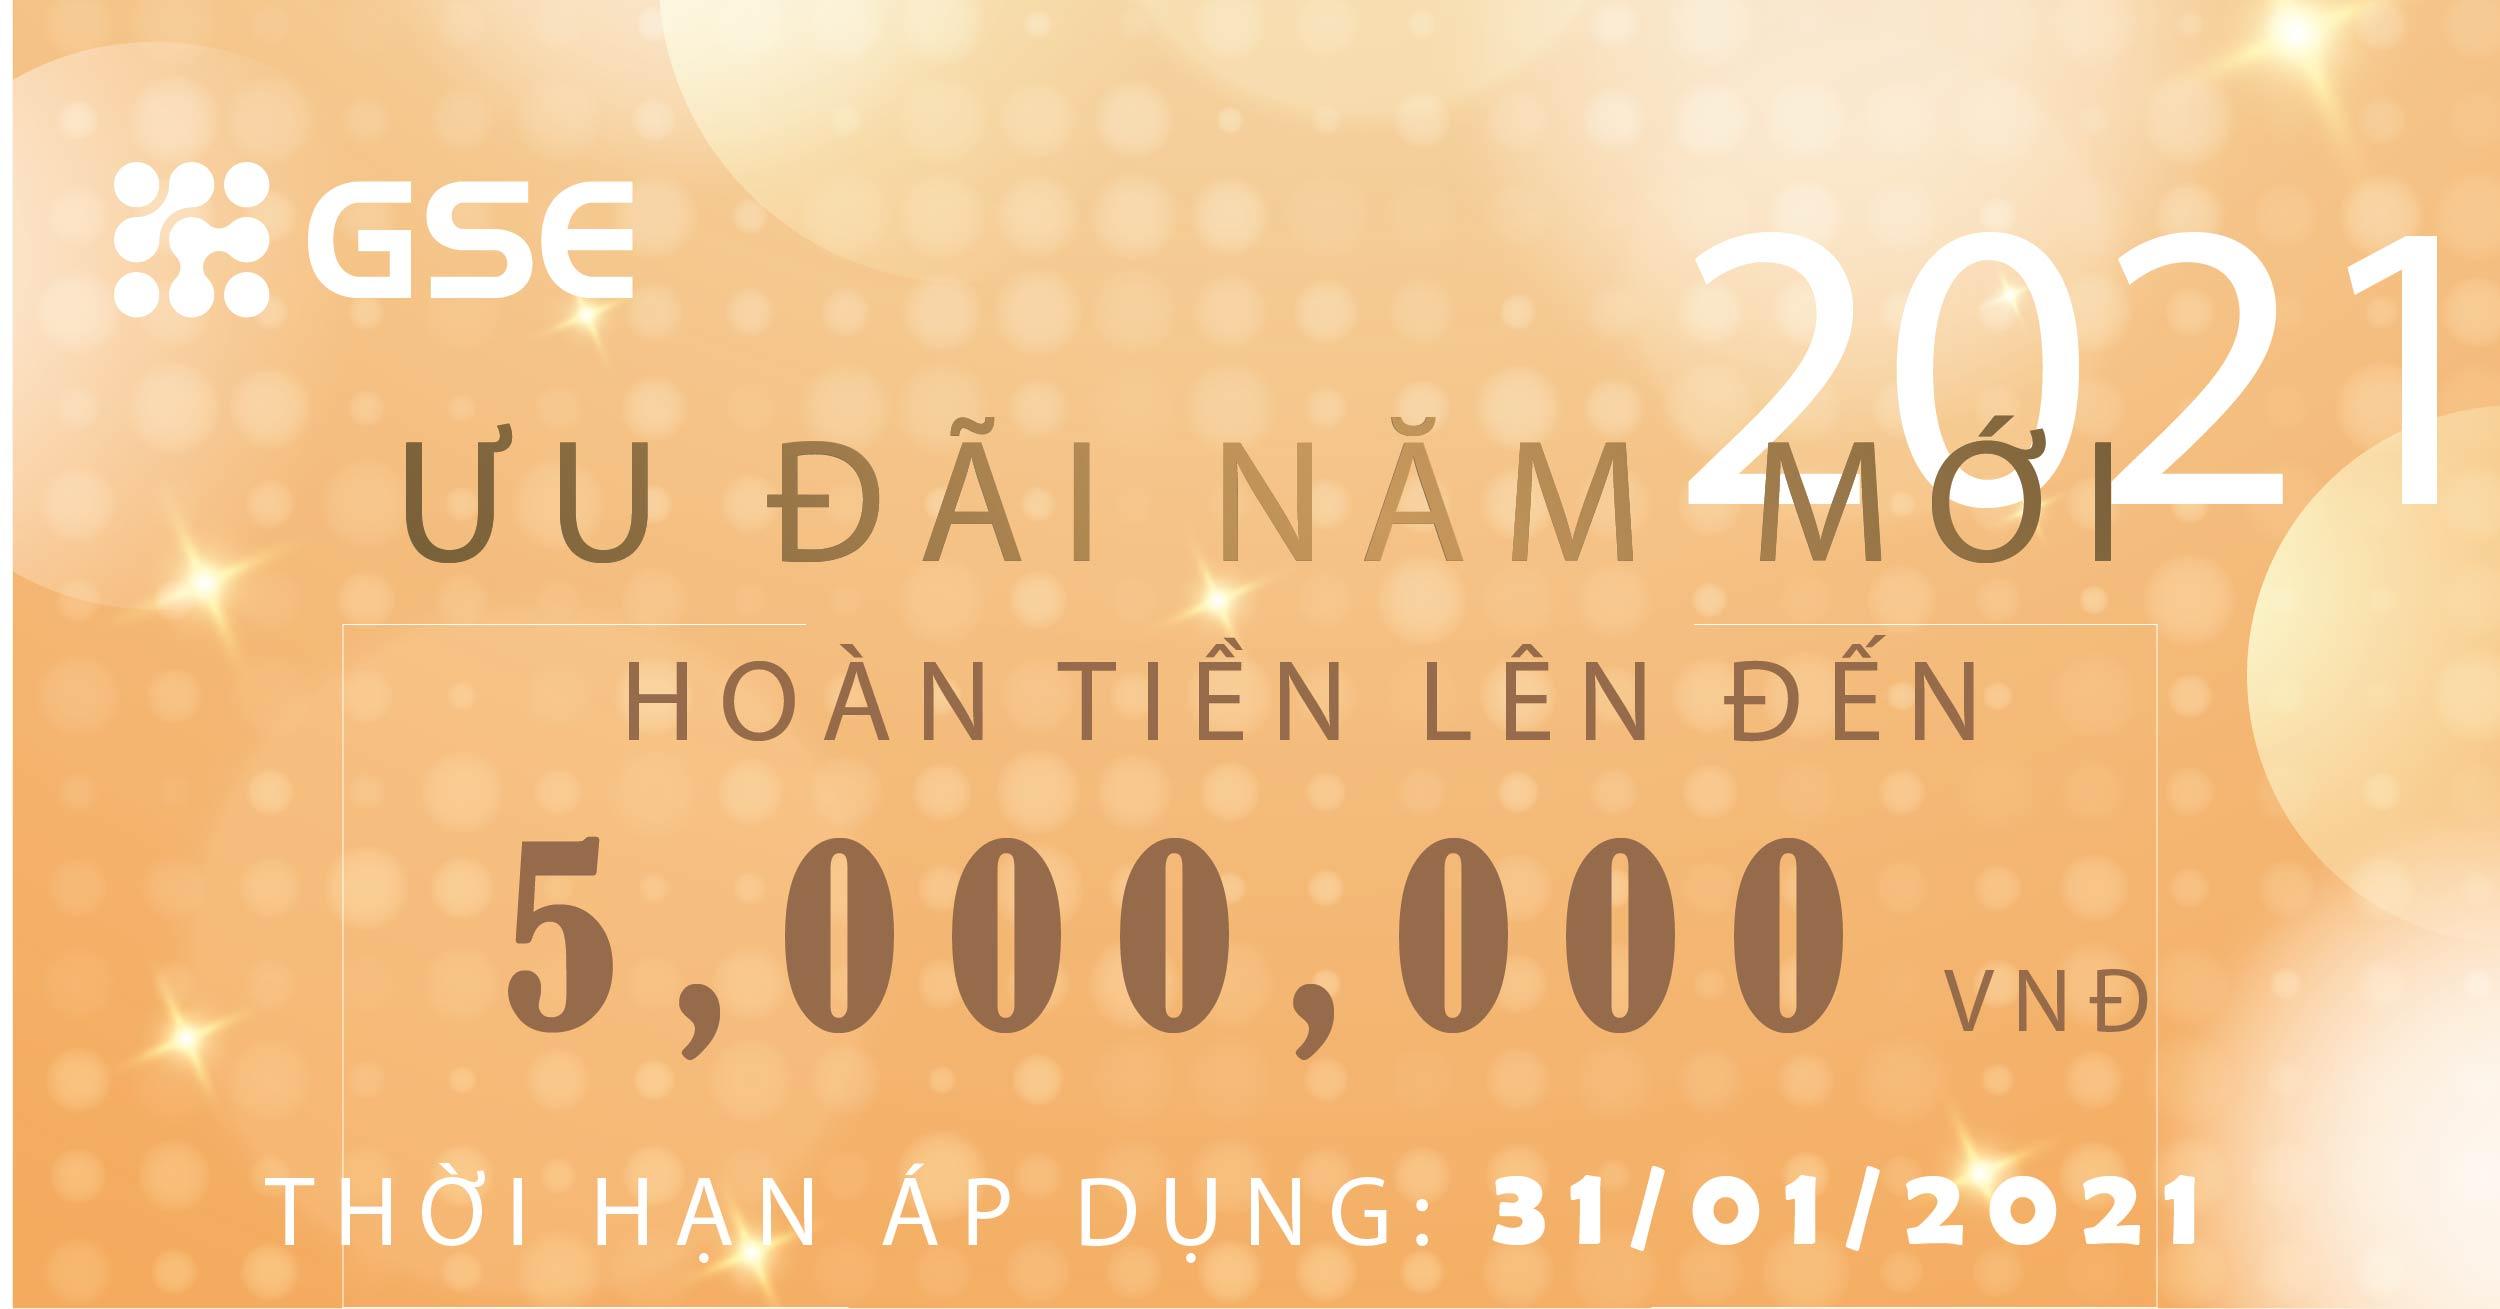 Uu Dai Hoan Tien Gse 01